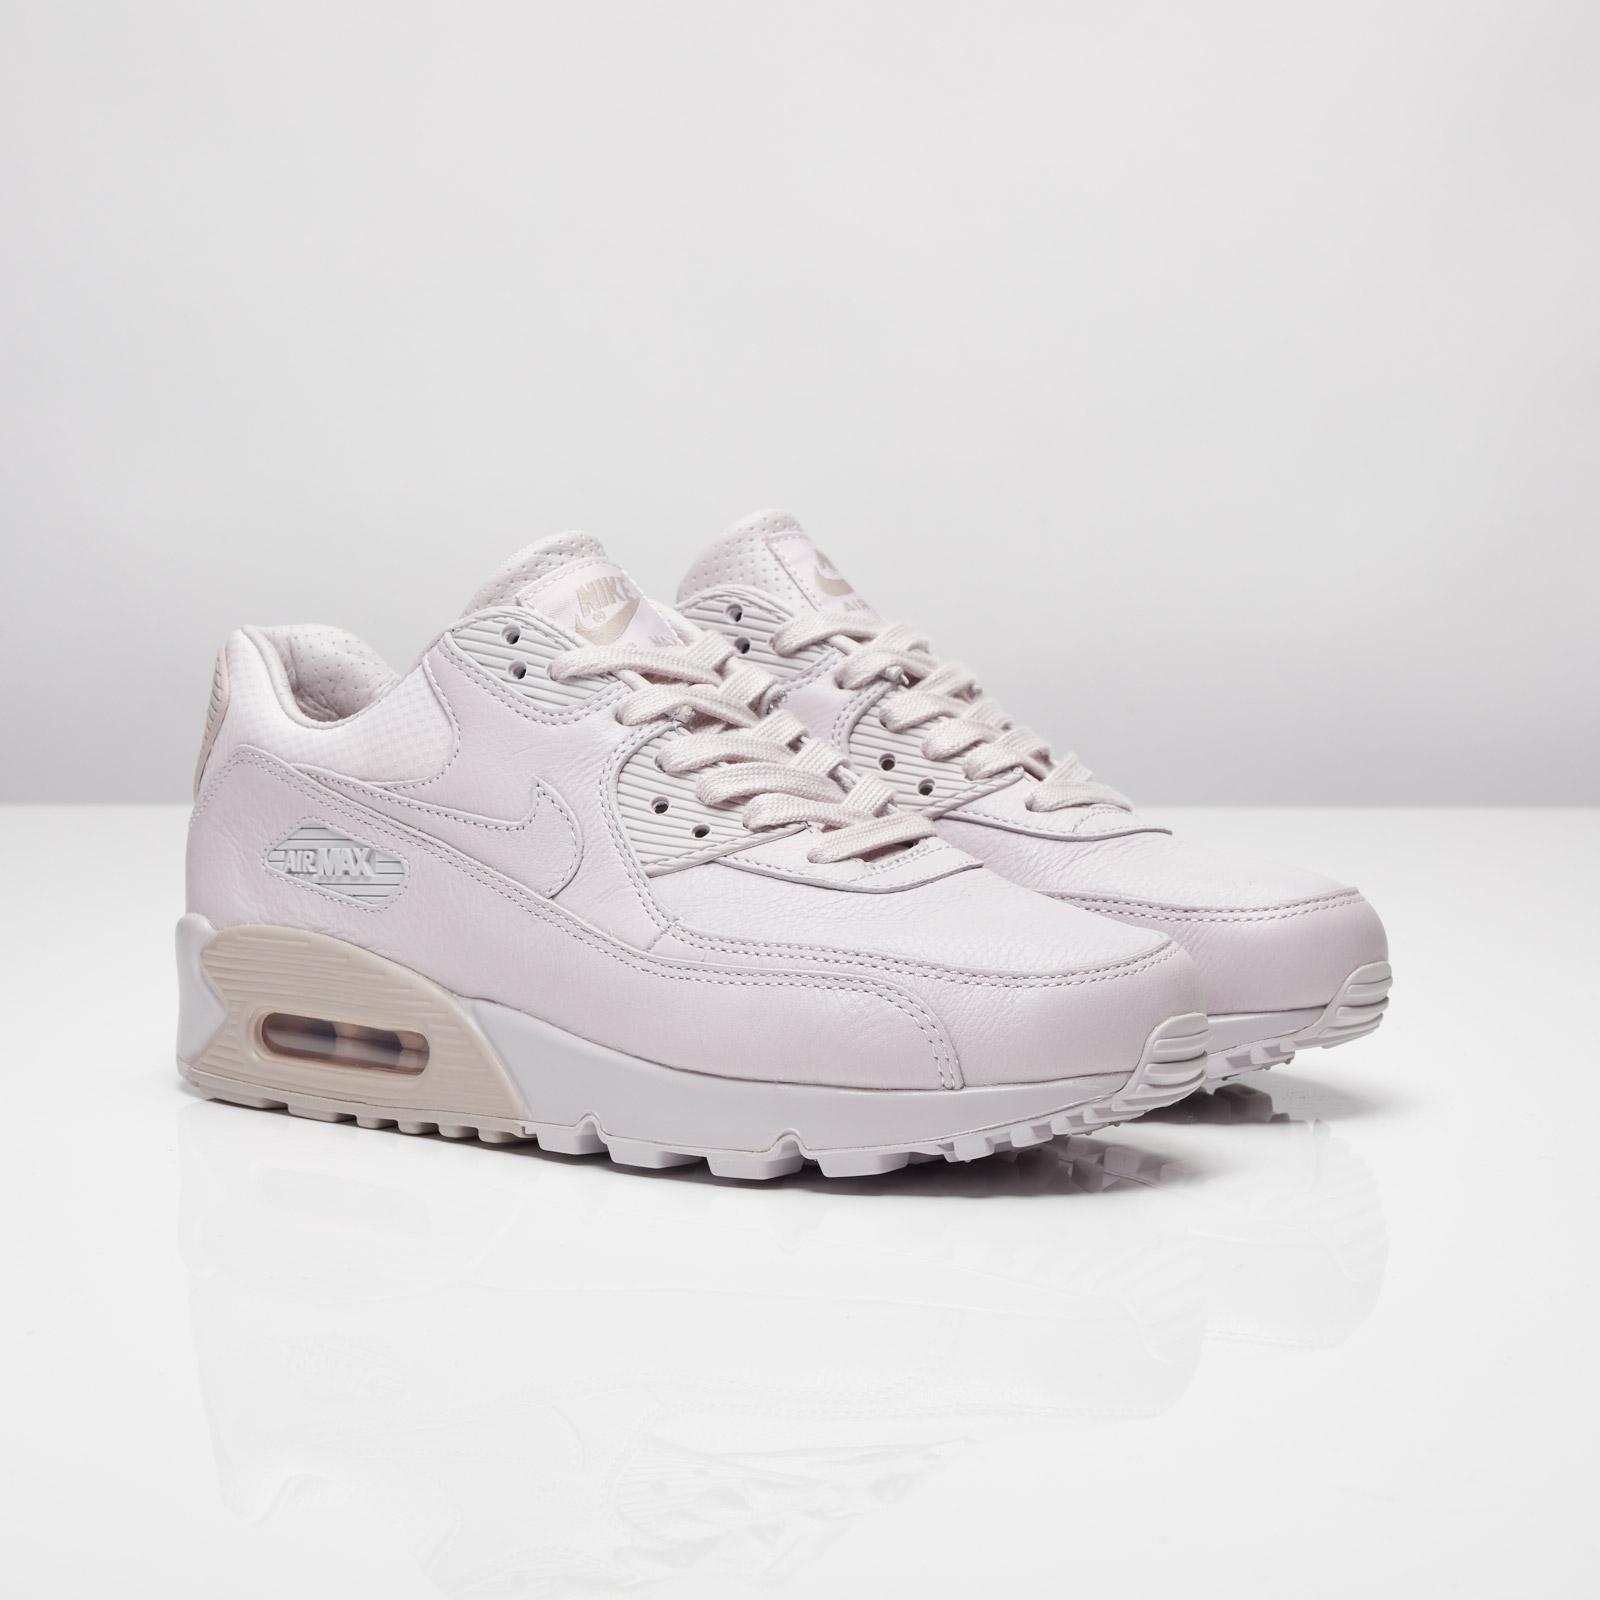 Nike Wmns Air Max 90 Pinnacle 839612 500 Sneakersnstuff